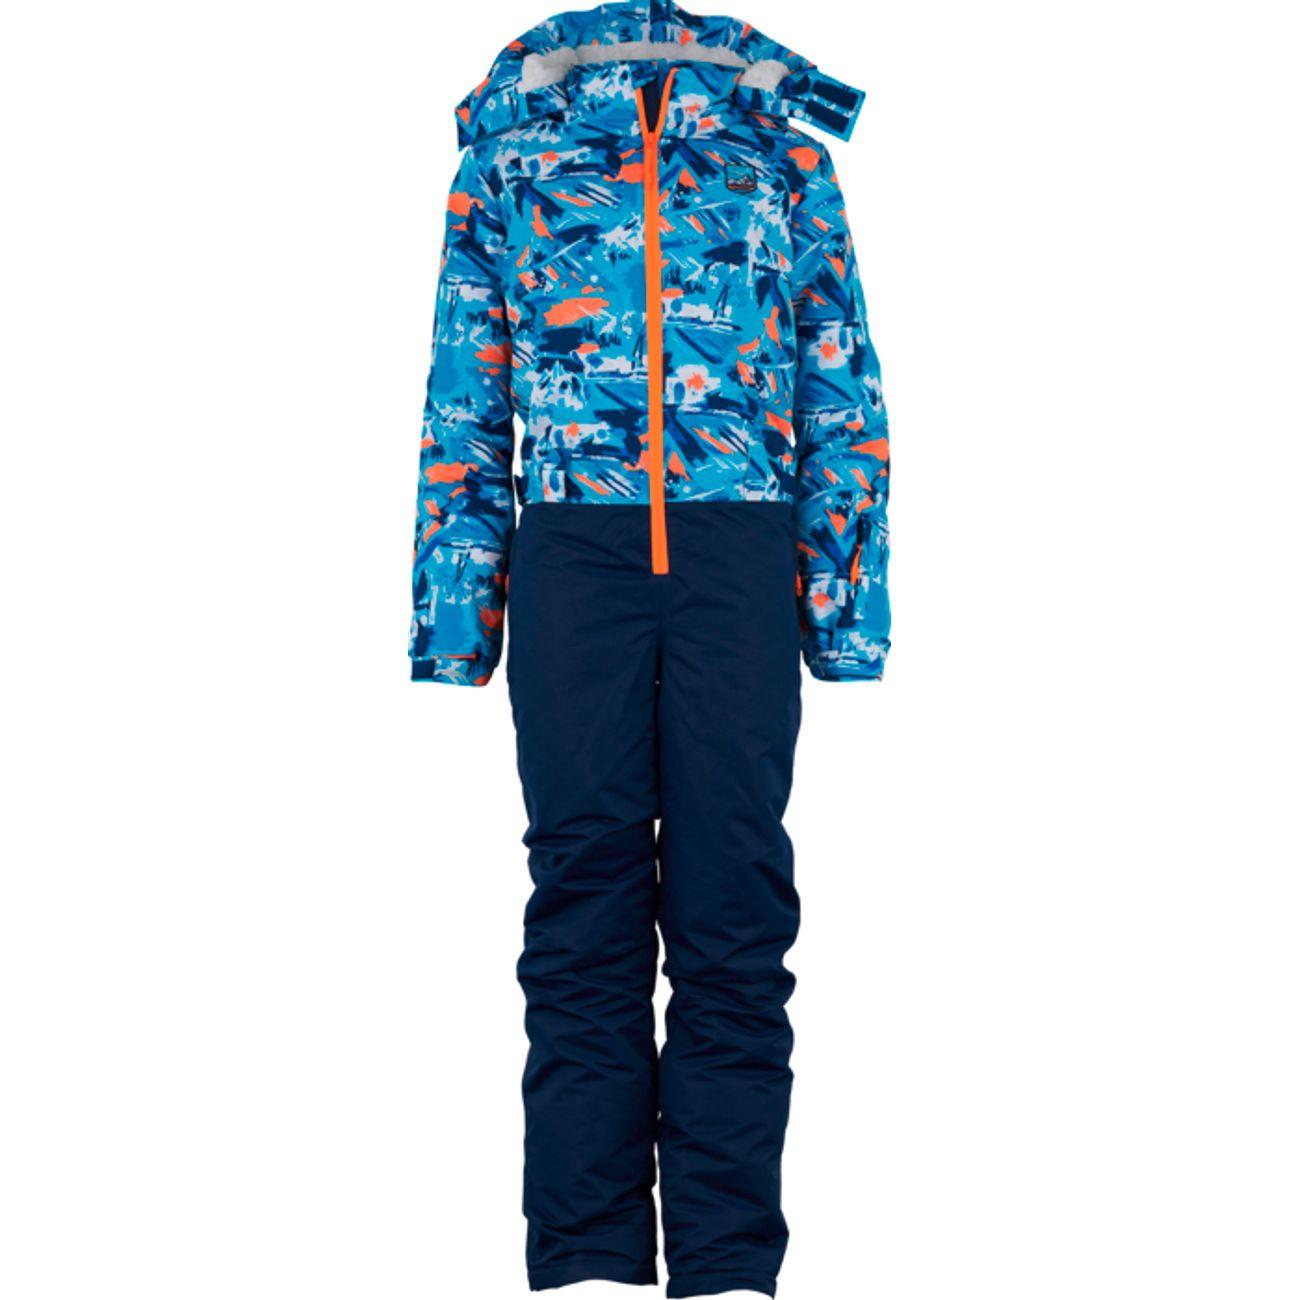 COMBINAISON Ski garçon WANABEE MIRANTIN MOD CBI